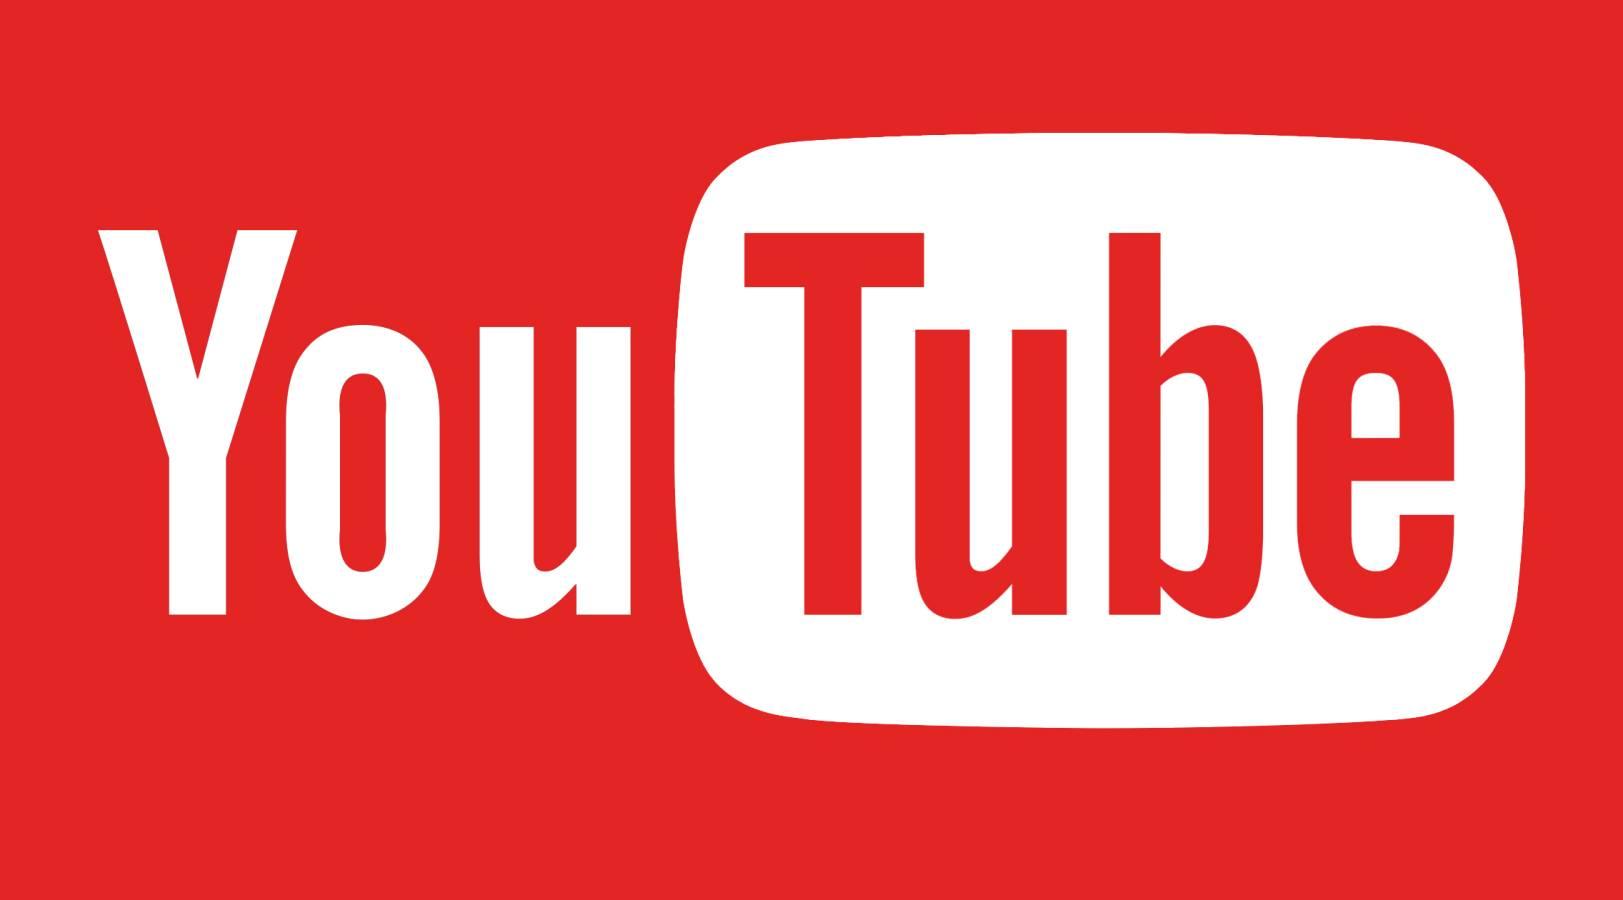 YouTube Actualizarea care Aduce Schimbari pentru Telefoane, Tablete